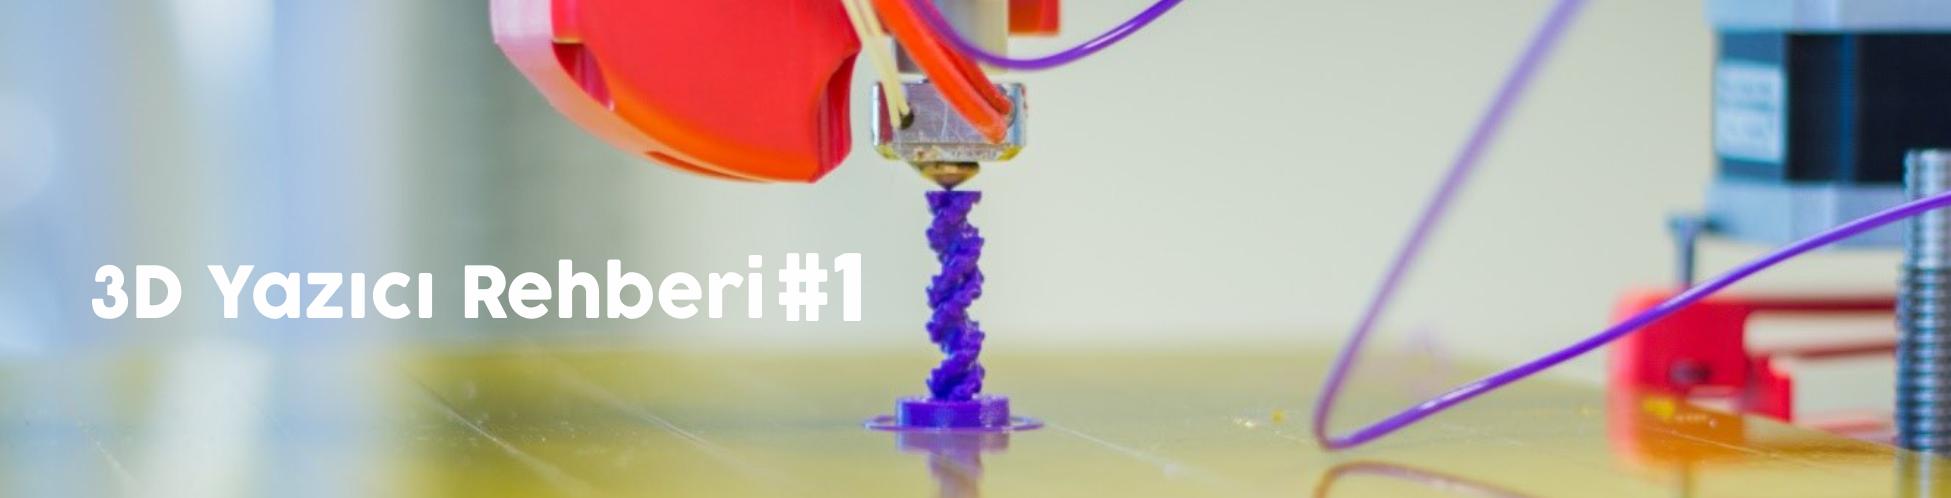 Satın Alma Rehberi #1: Sizin İçin En Uygun 3D Yazıcı Hangisi?